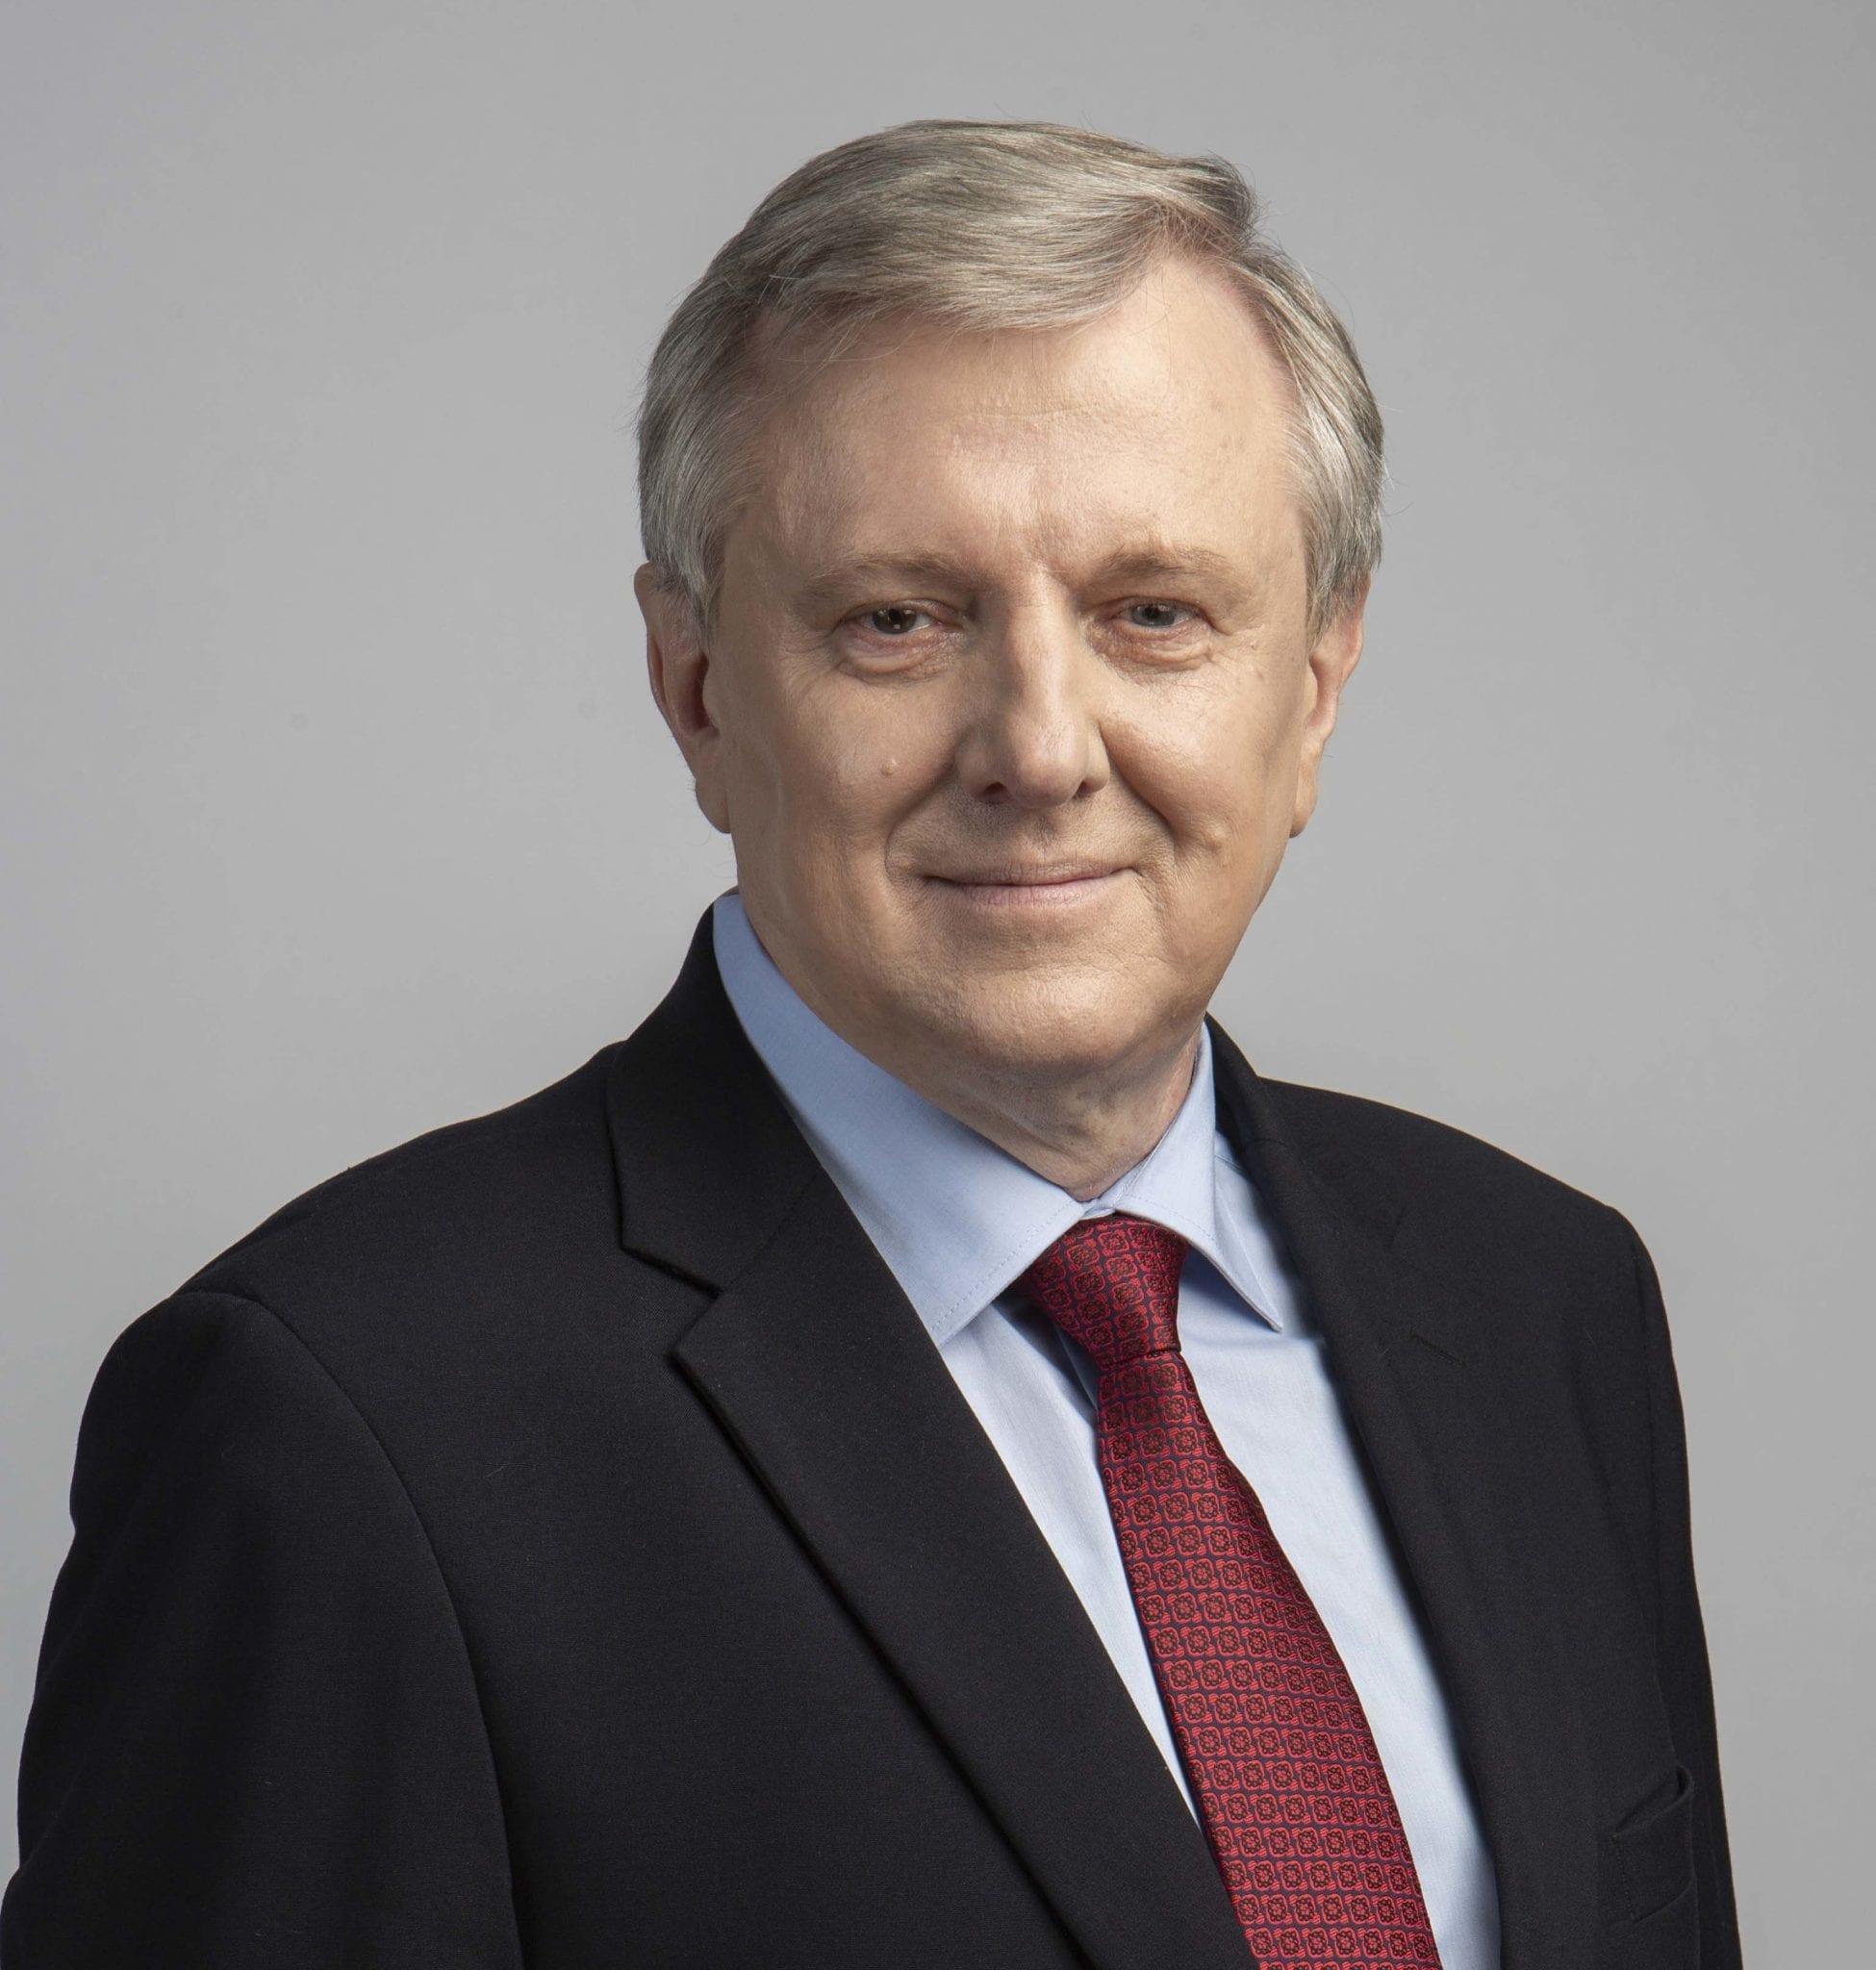 Krikščionių sąjungos pirmininkas Rimantas Jonas Dagys sako